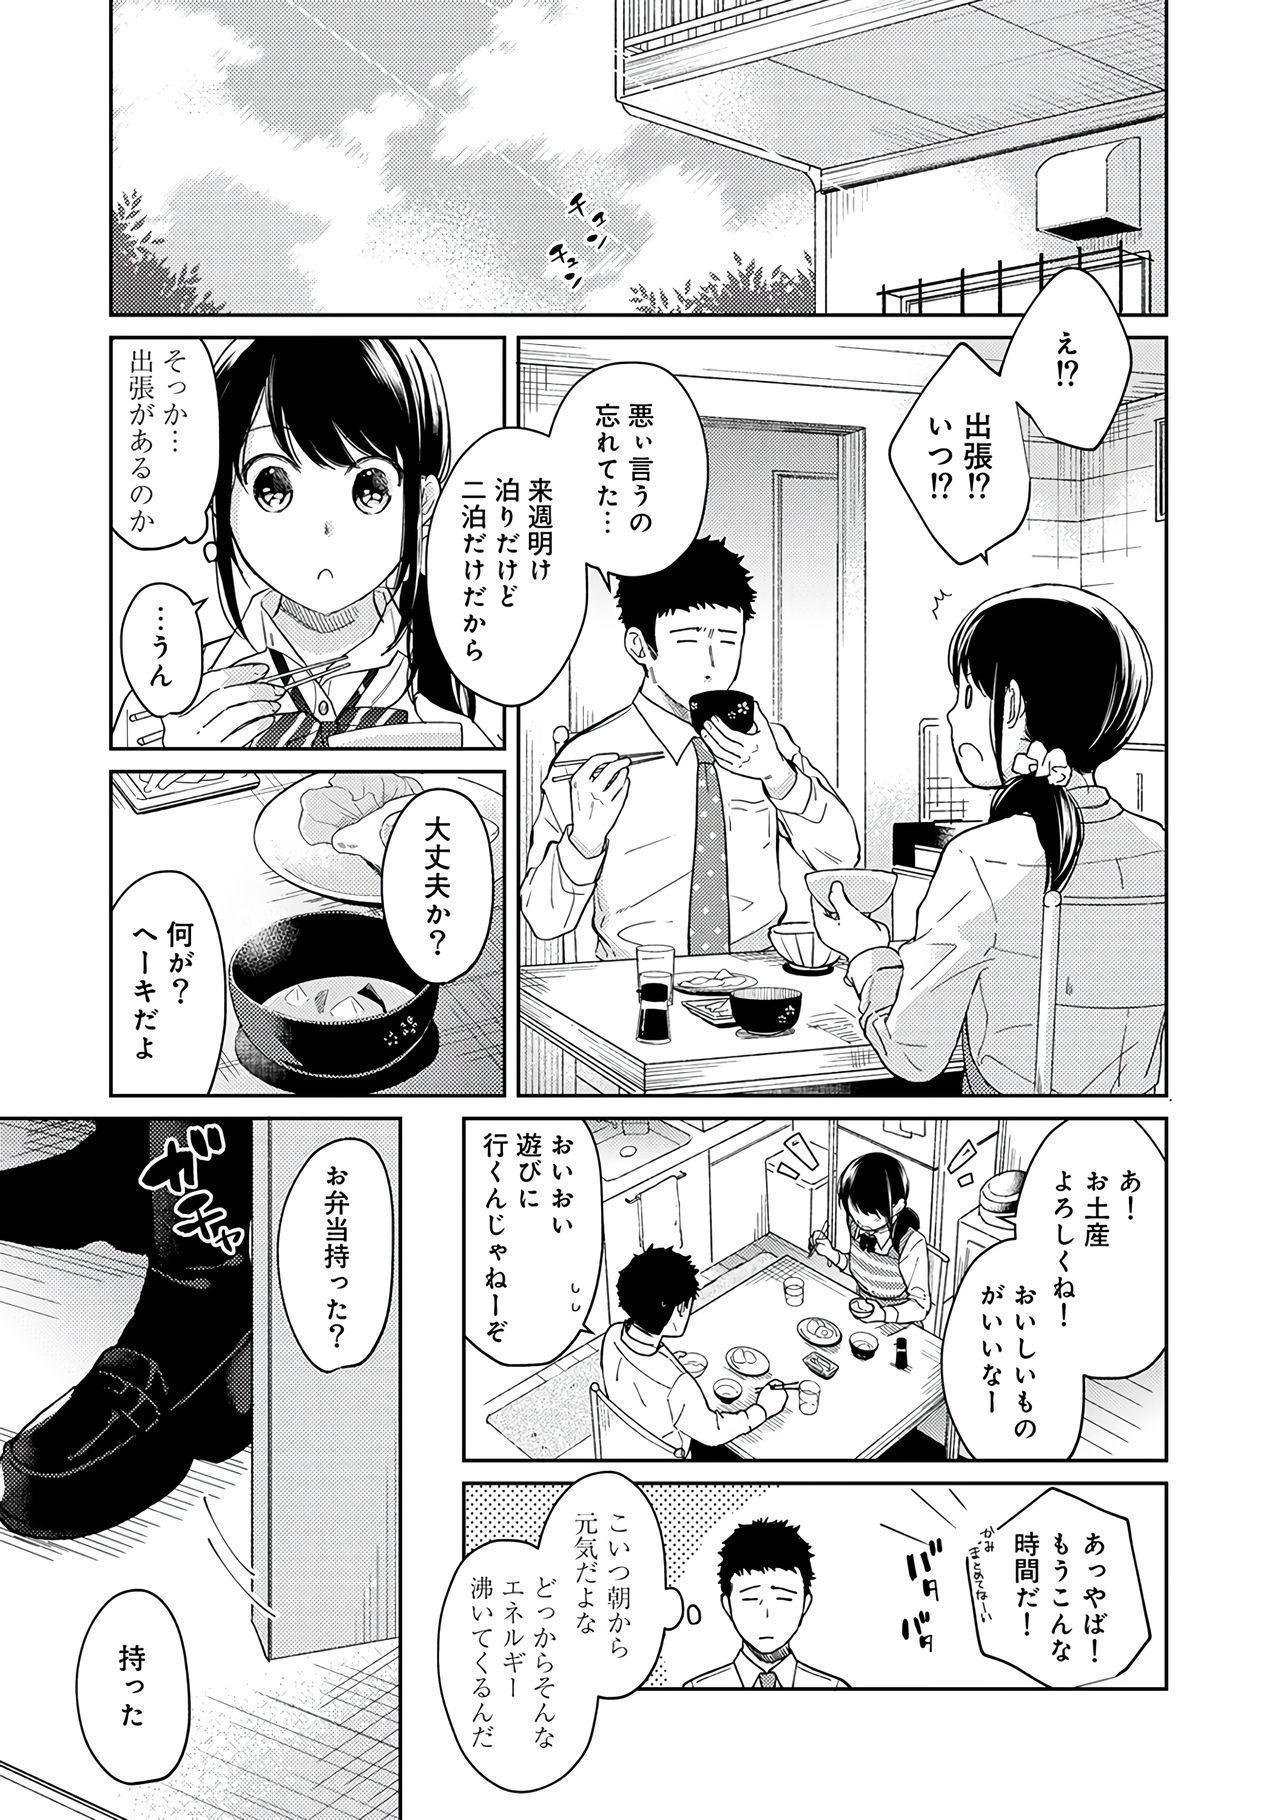 1LDK+JK Ikinari Doukyo? Micchaku!? Hatsu Ecchi!!? Vol.2 136